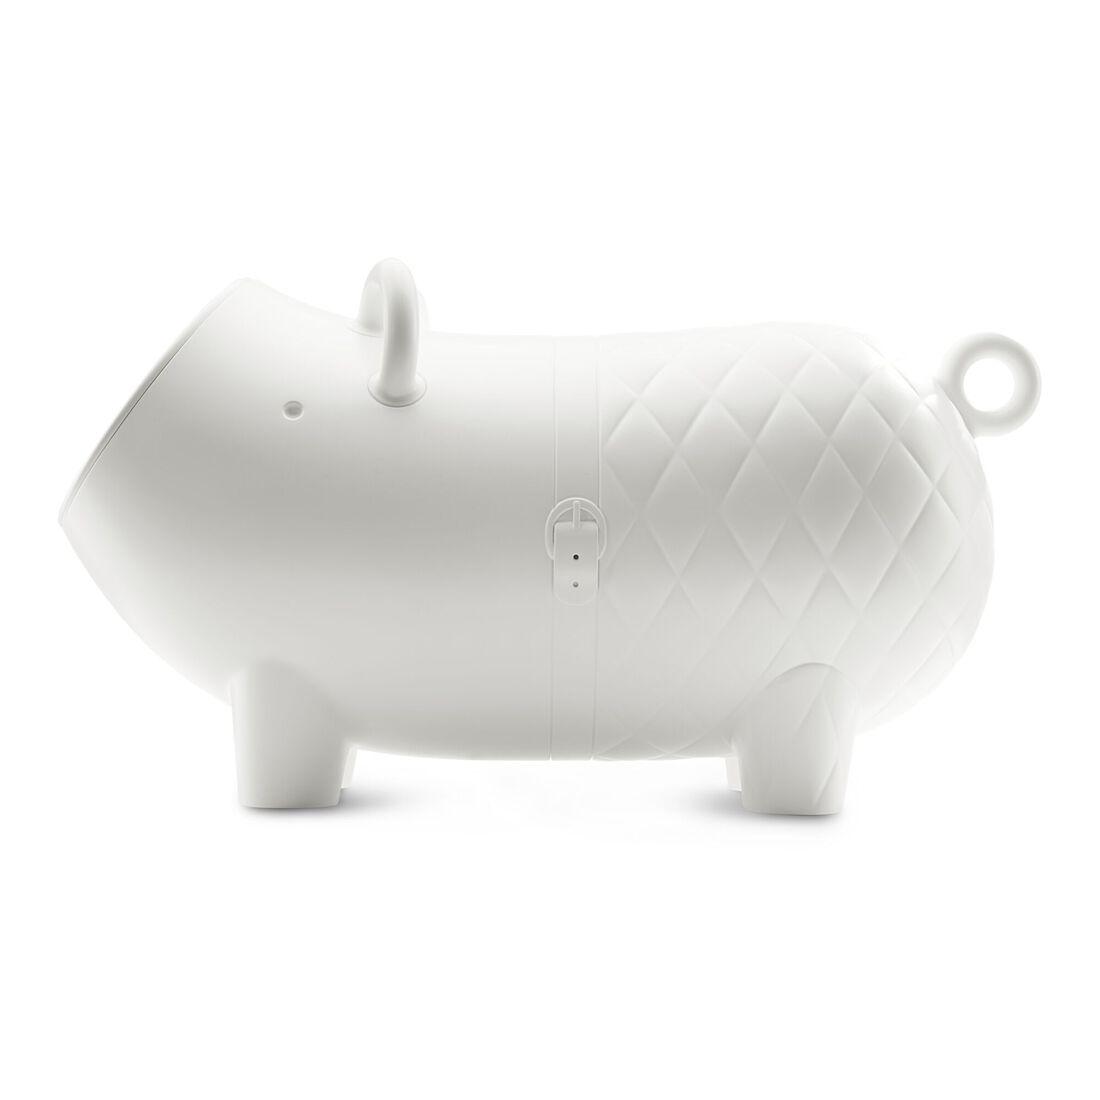 CYBEX Hausschwein - White in White large Bild 1